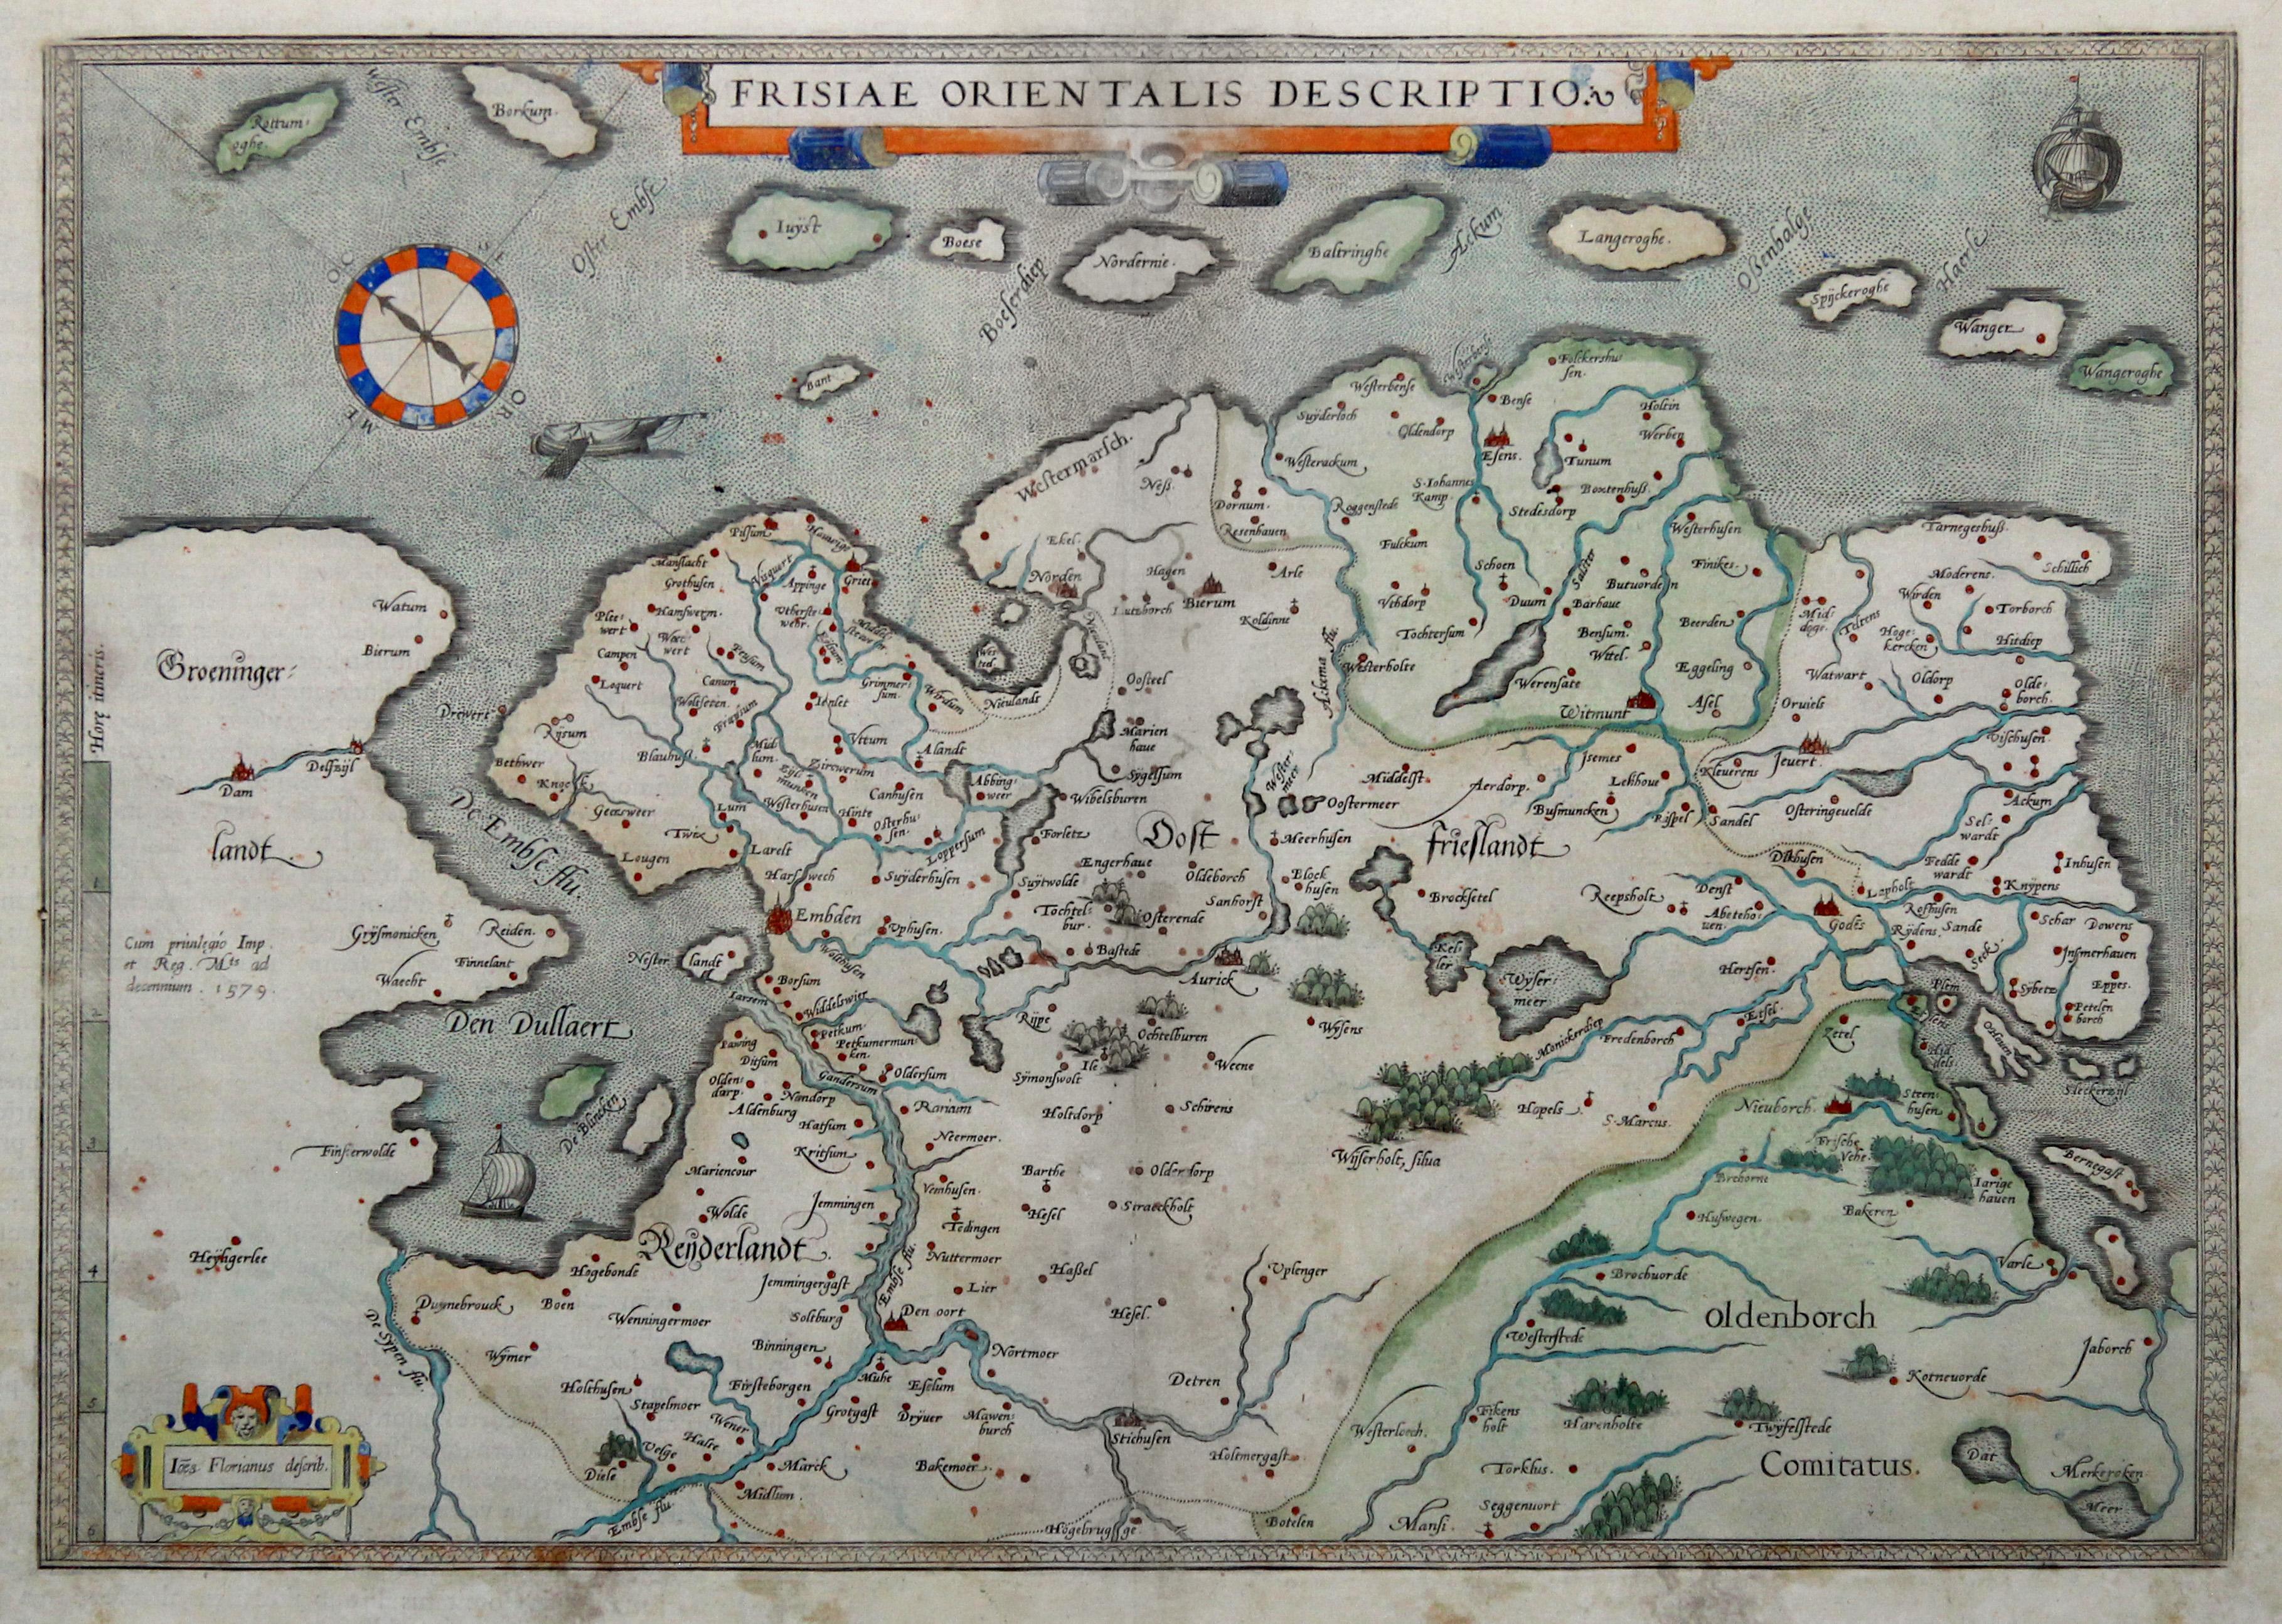 Vialibri Kupferstich Karte N Florianus Aus Ortelius Frisiae